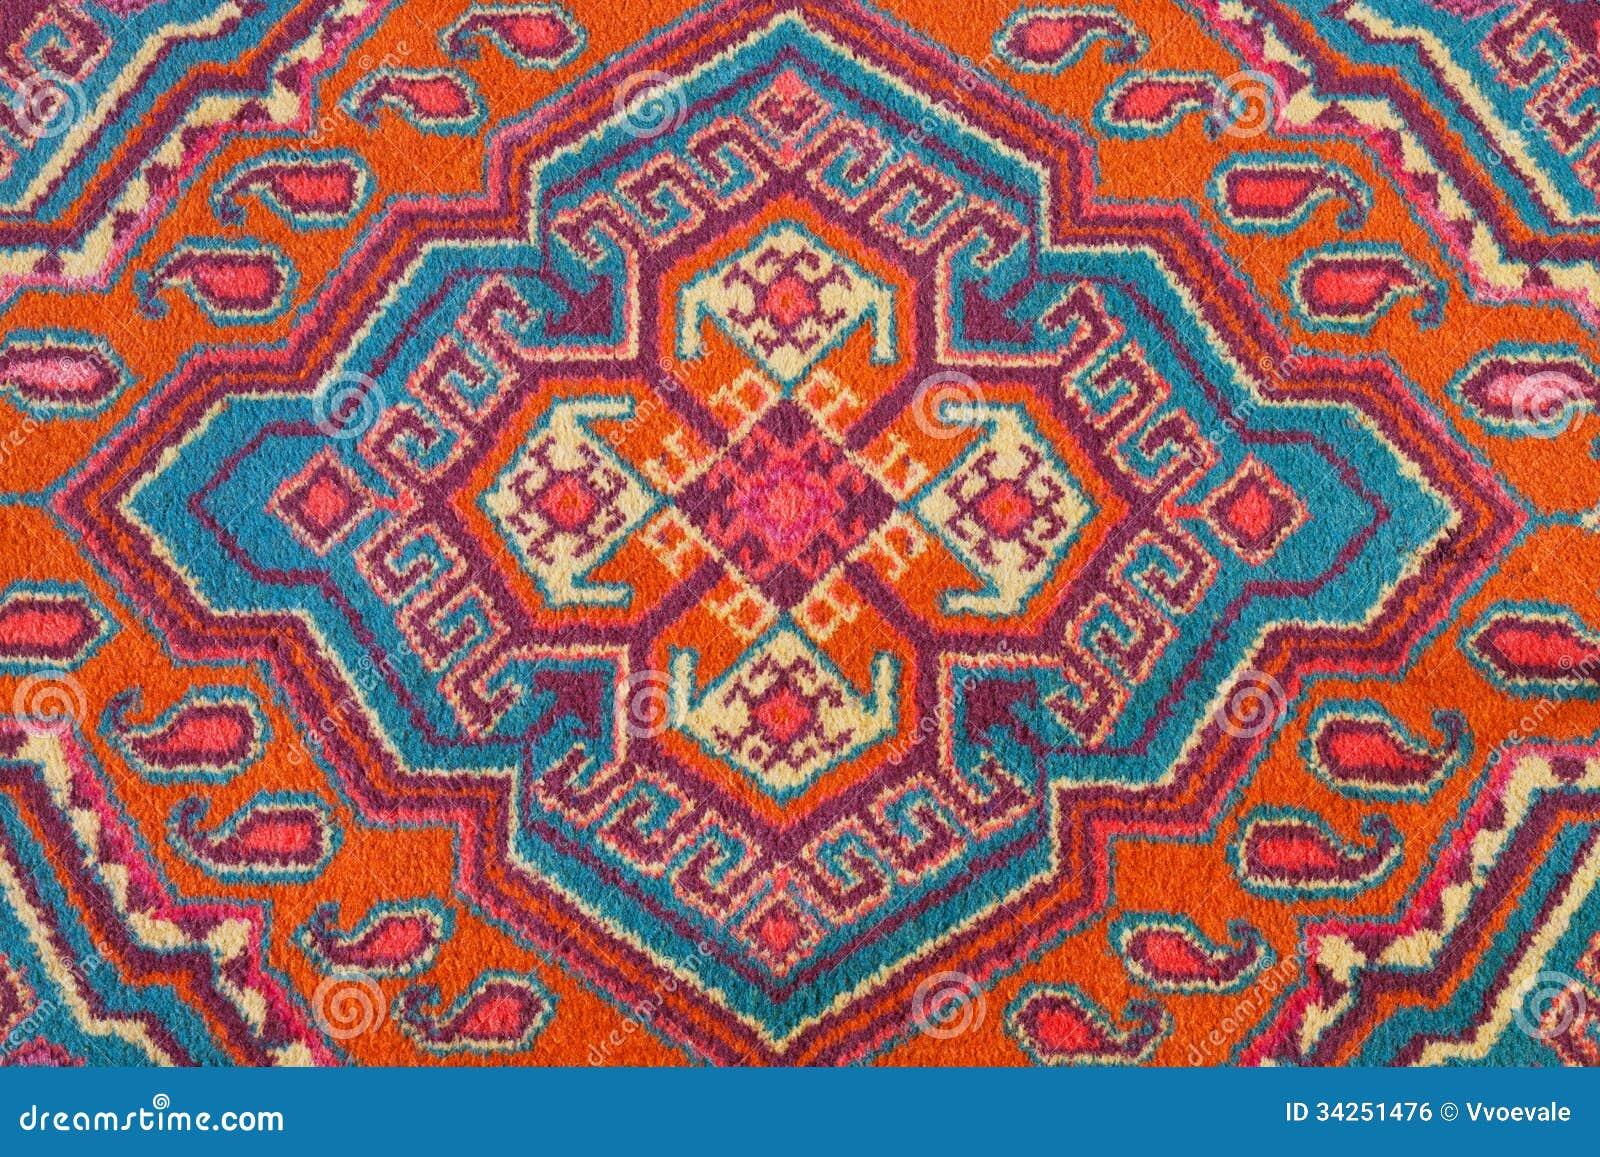 ornement de tapis asiatique central image libre de droits image 34251476. Black Bedroom Furniture Sets. Home Design Ideas